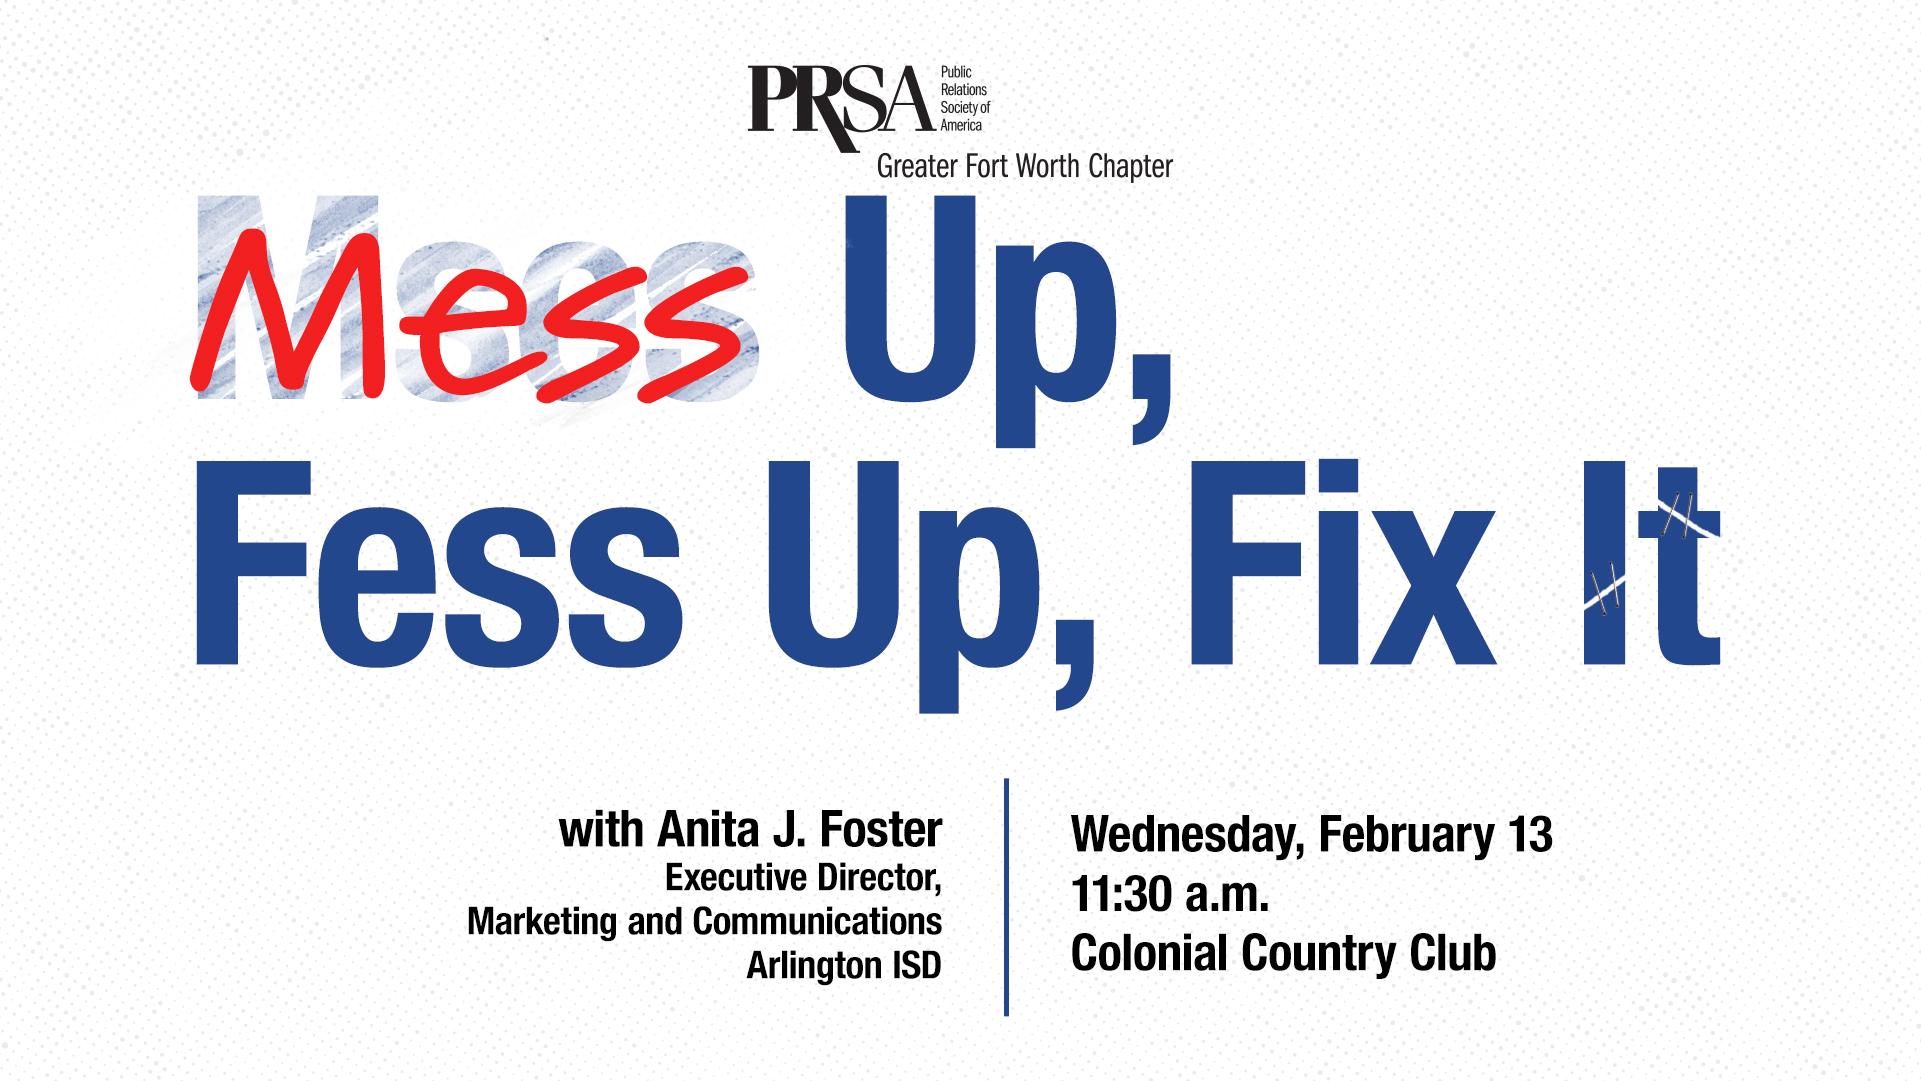 Mess Up, Fess Up, Fix It